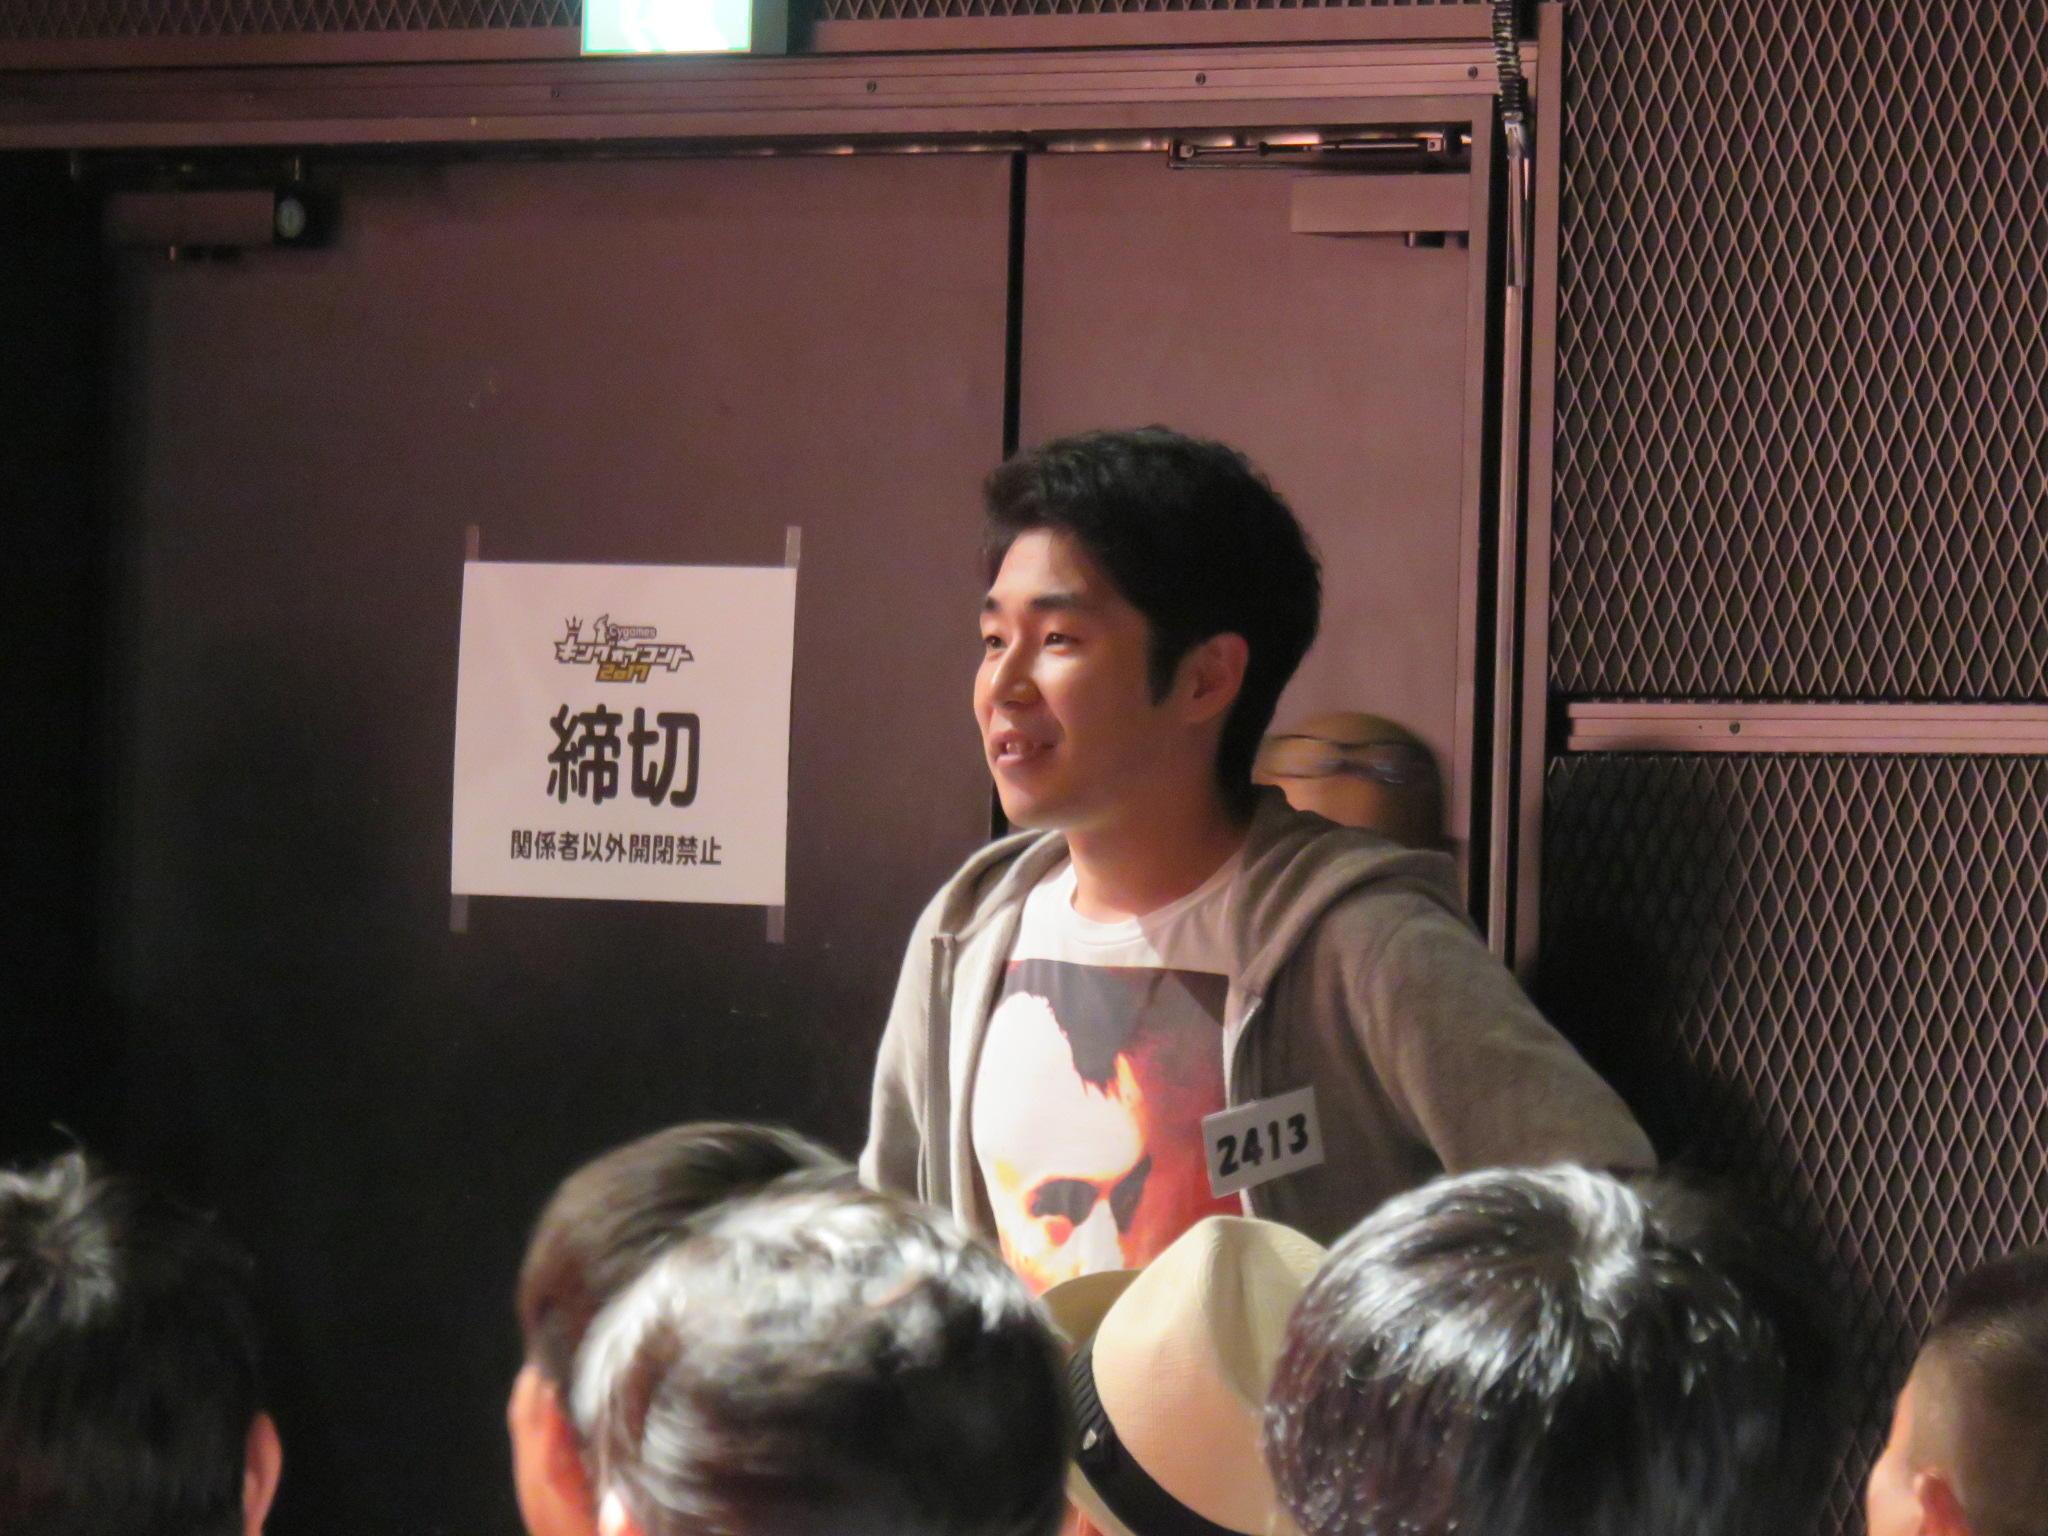 http://news.yoshimoto.co.jp/20170909005126-039562a61095c64afd33bd17d3c49d54423f9f0b.jpg